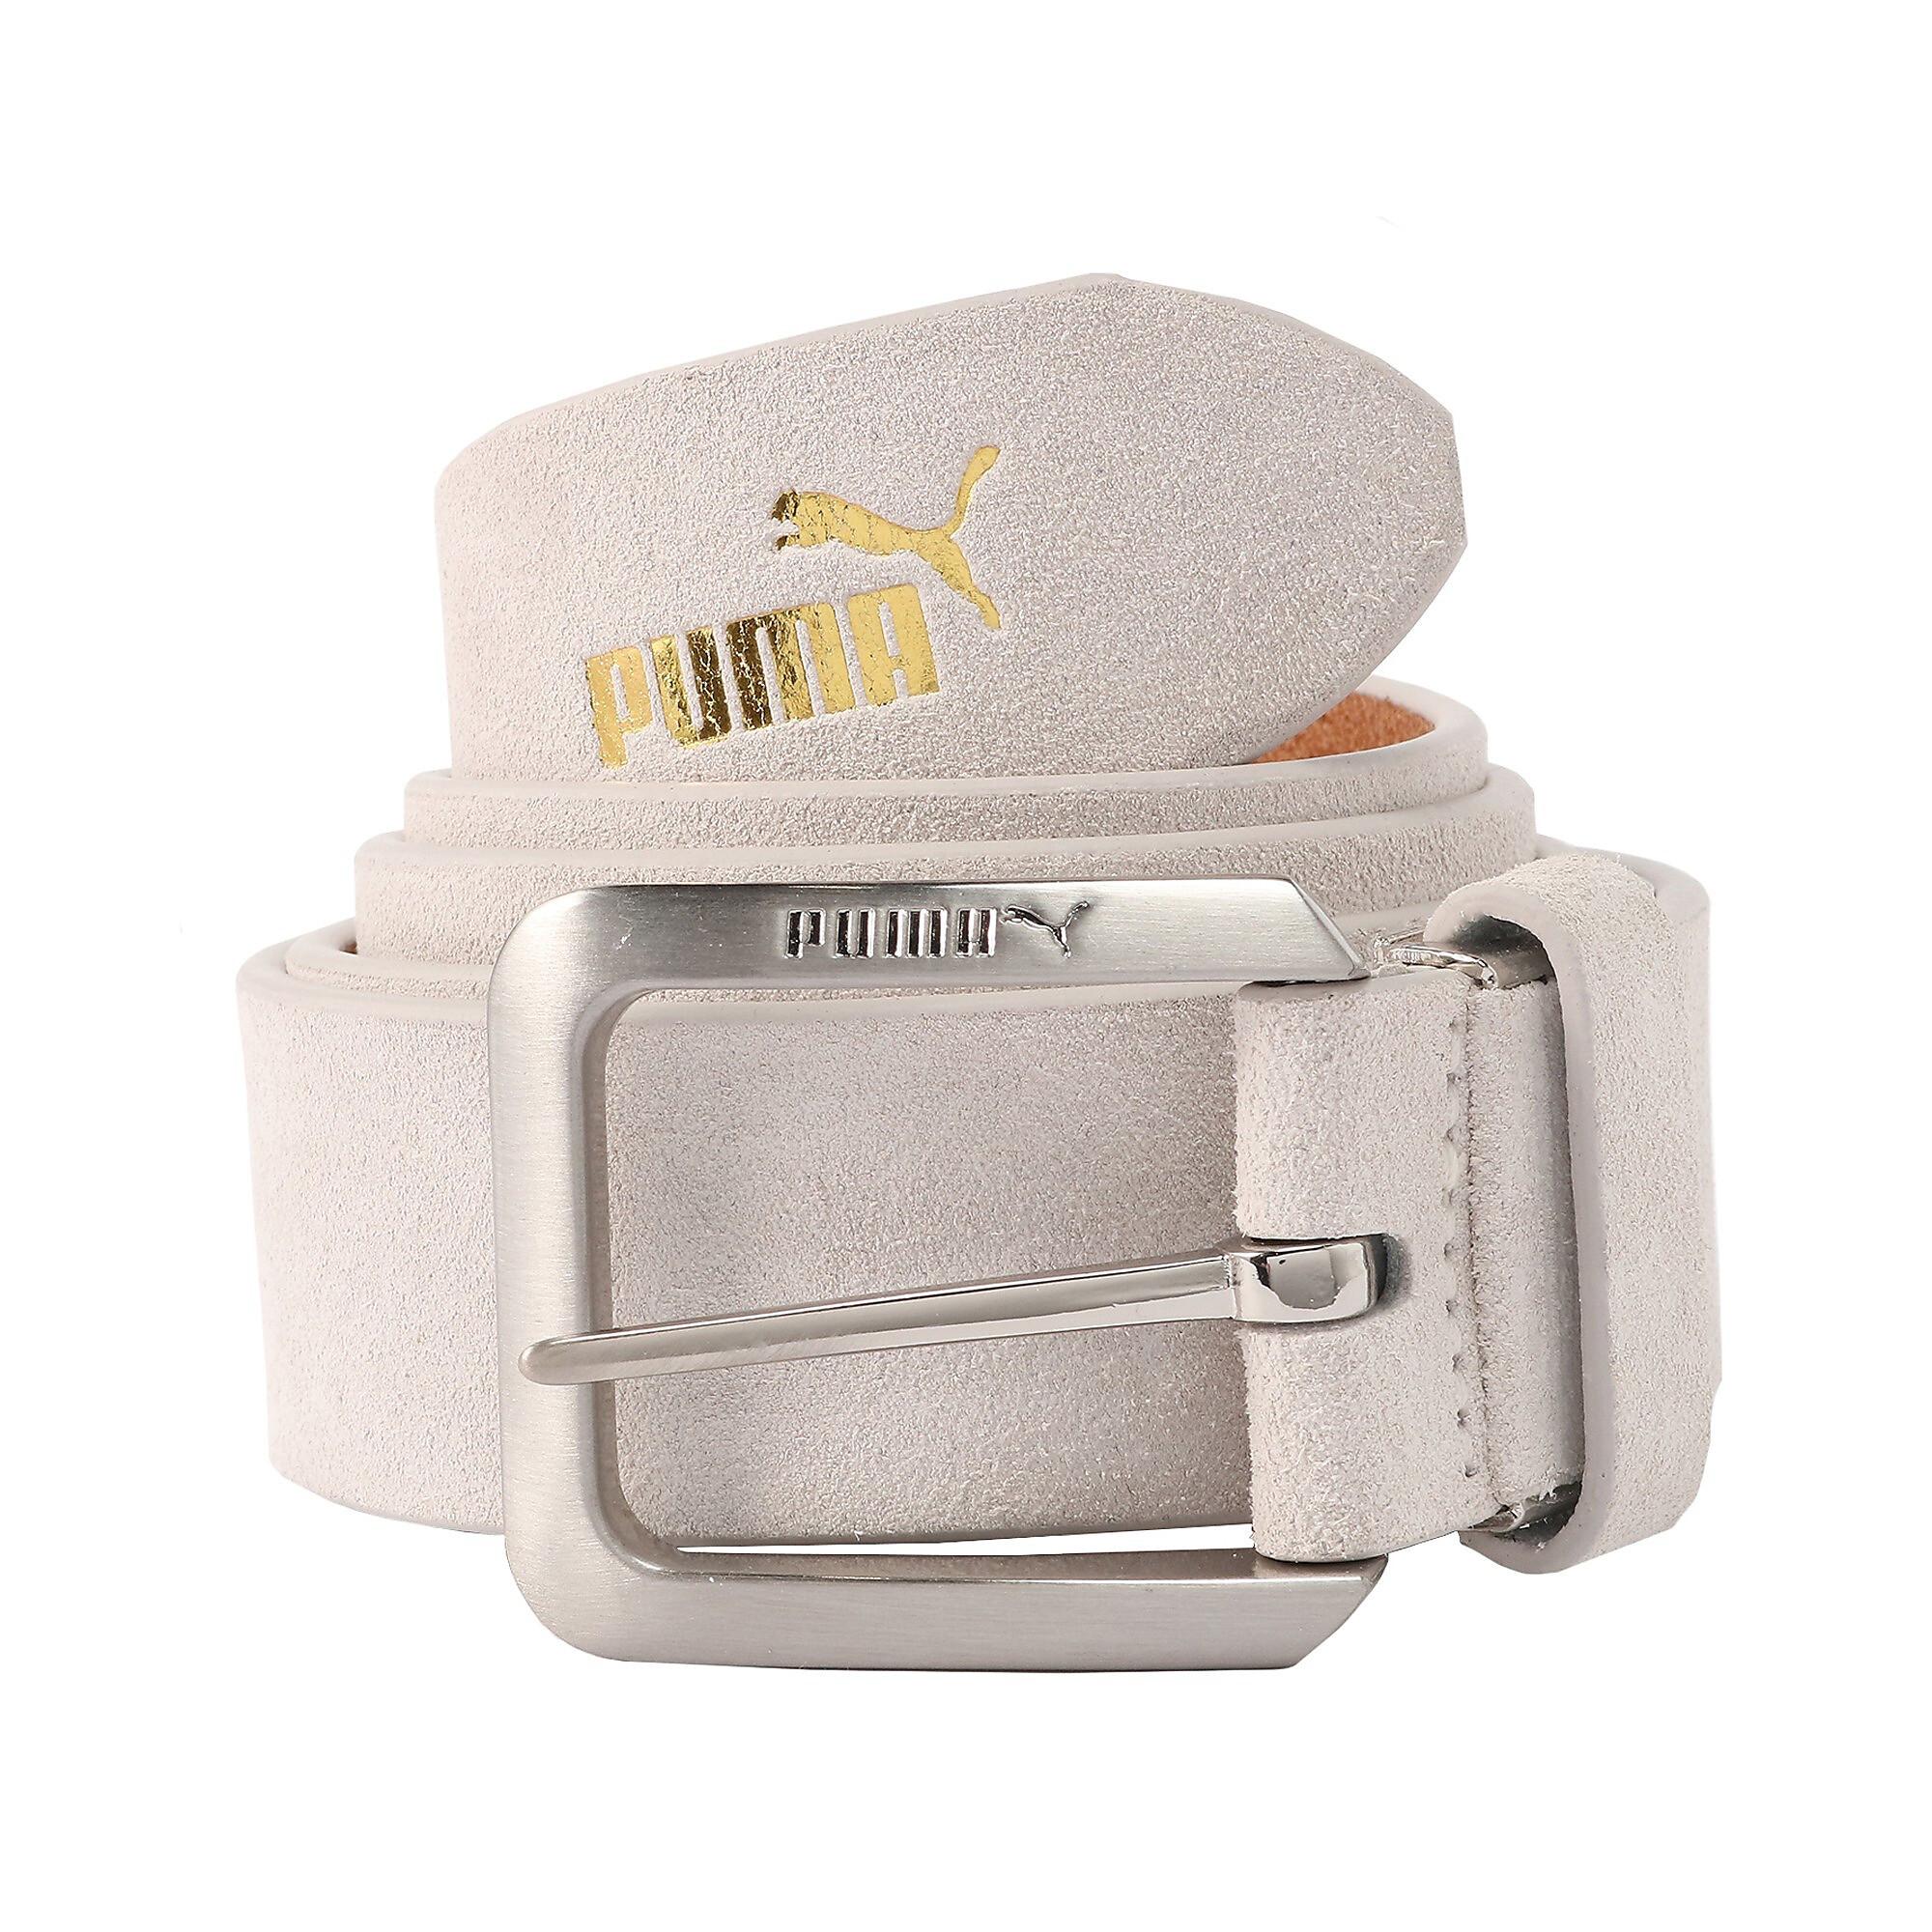 【プーマ公式通販】 プーマ ゴルフ スウェード ベルト メンズ Bright White |PUMA.com